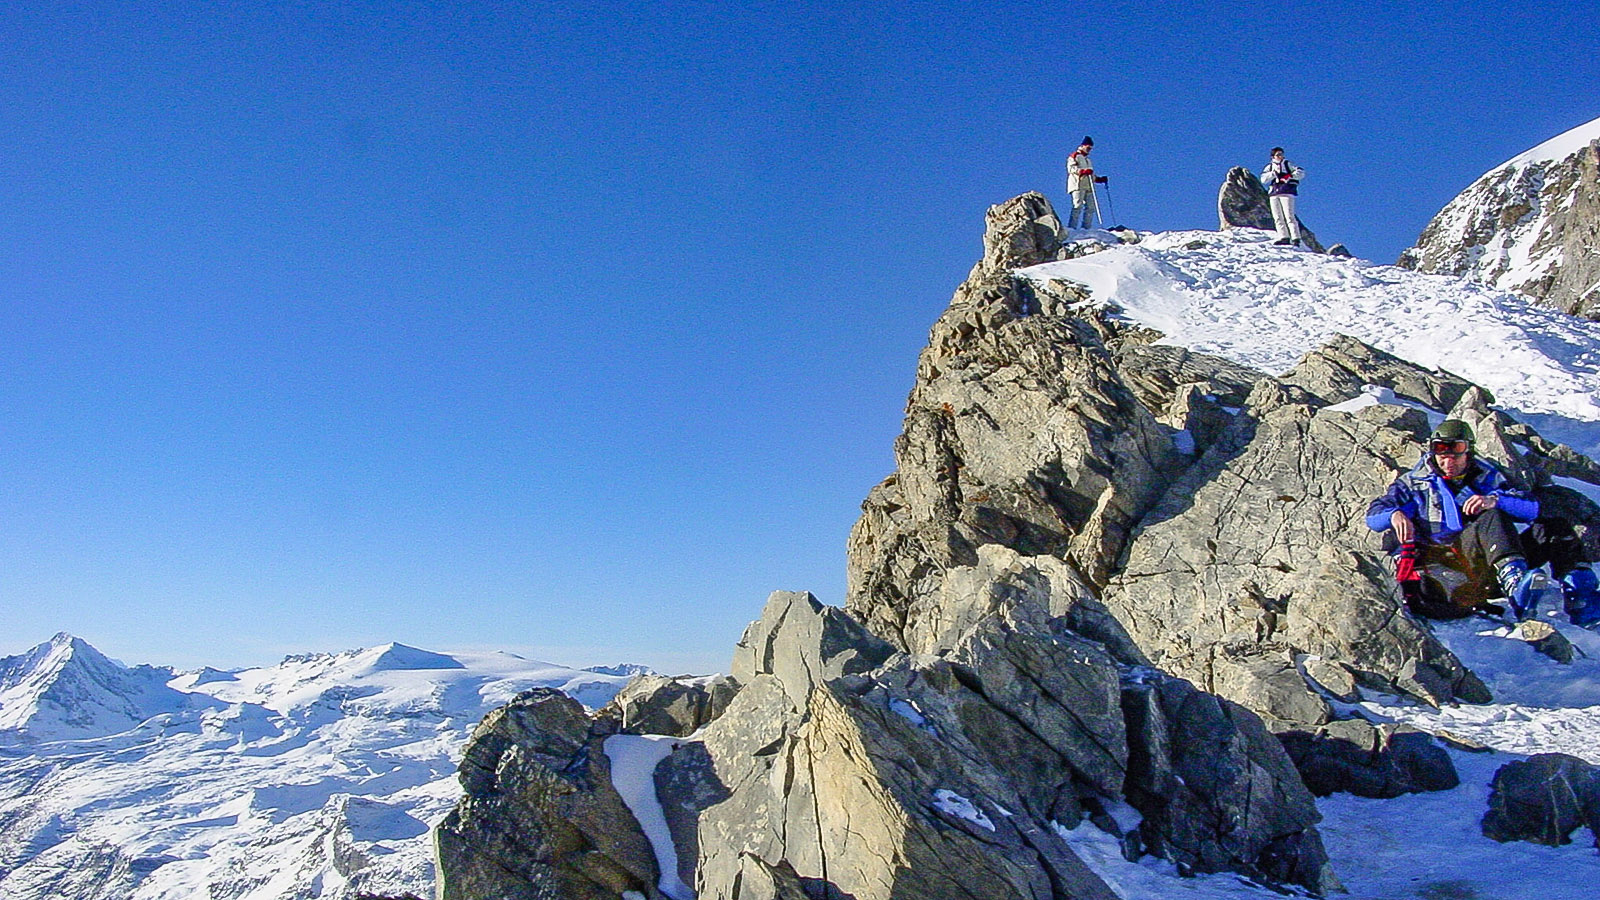 Das Gletscherskigebiet La Grande Motte von Tignes. Rast an einem Aussichtspunkt unterhalb des 3656 Meter hohen Gipfels. Foto: Hilke Maunder